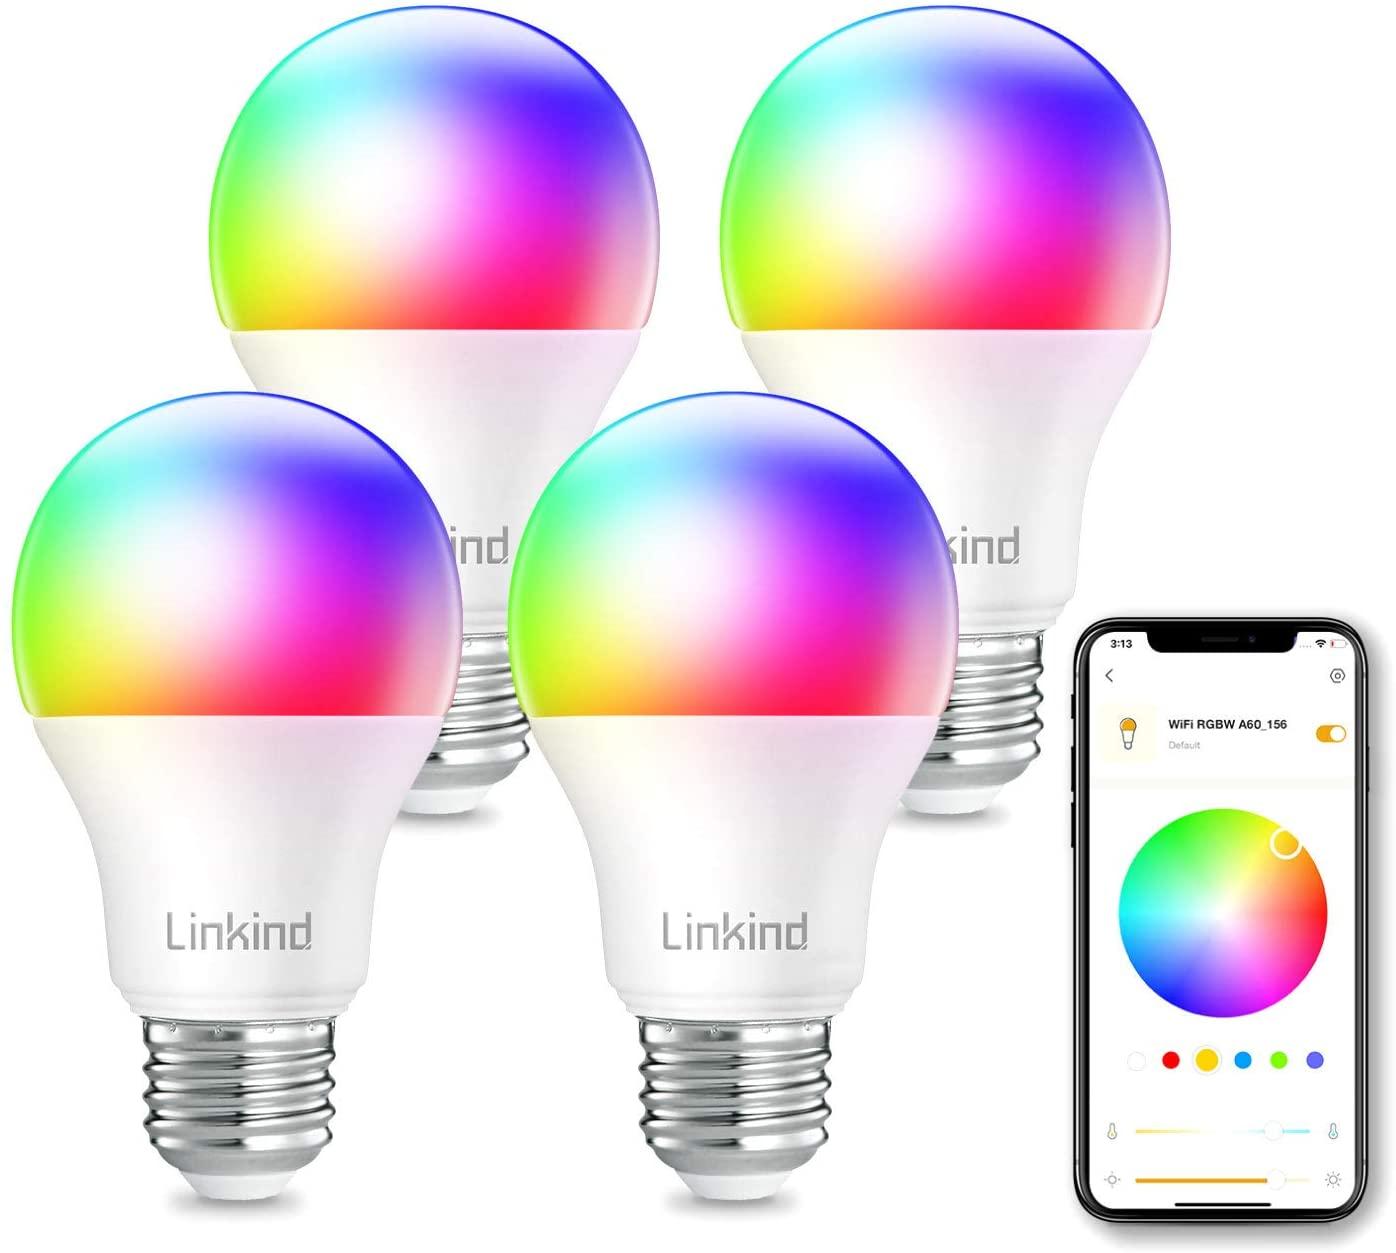 Linkind LED Smart WiFi